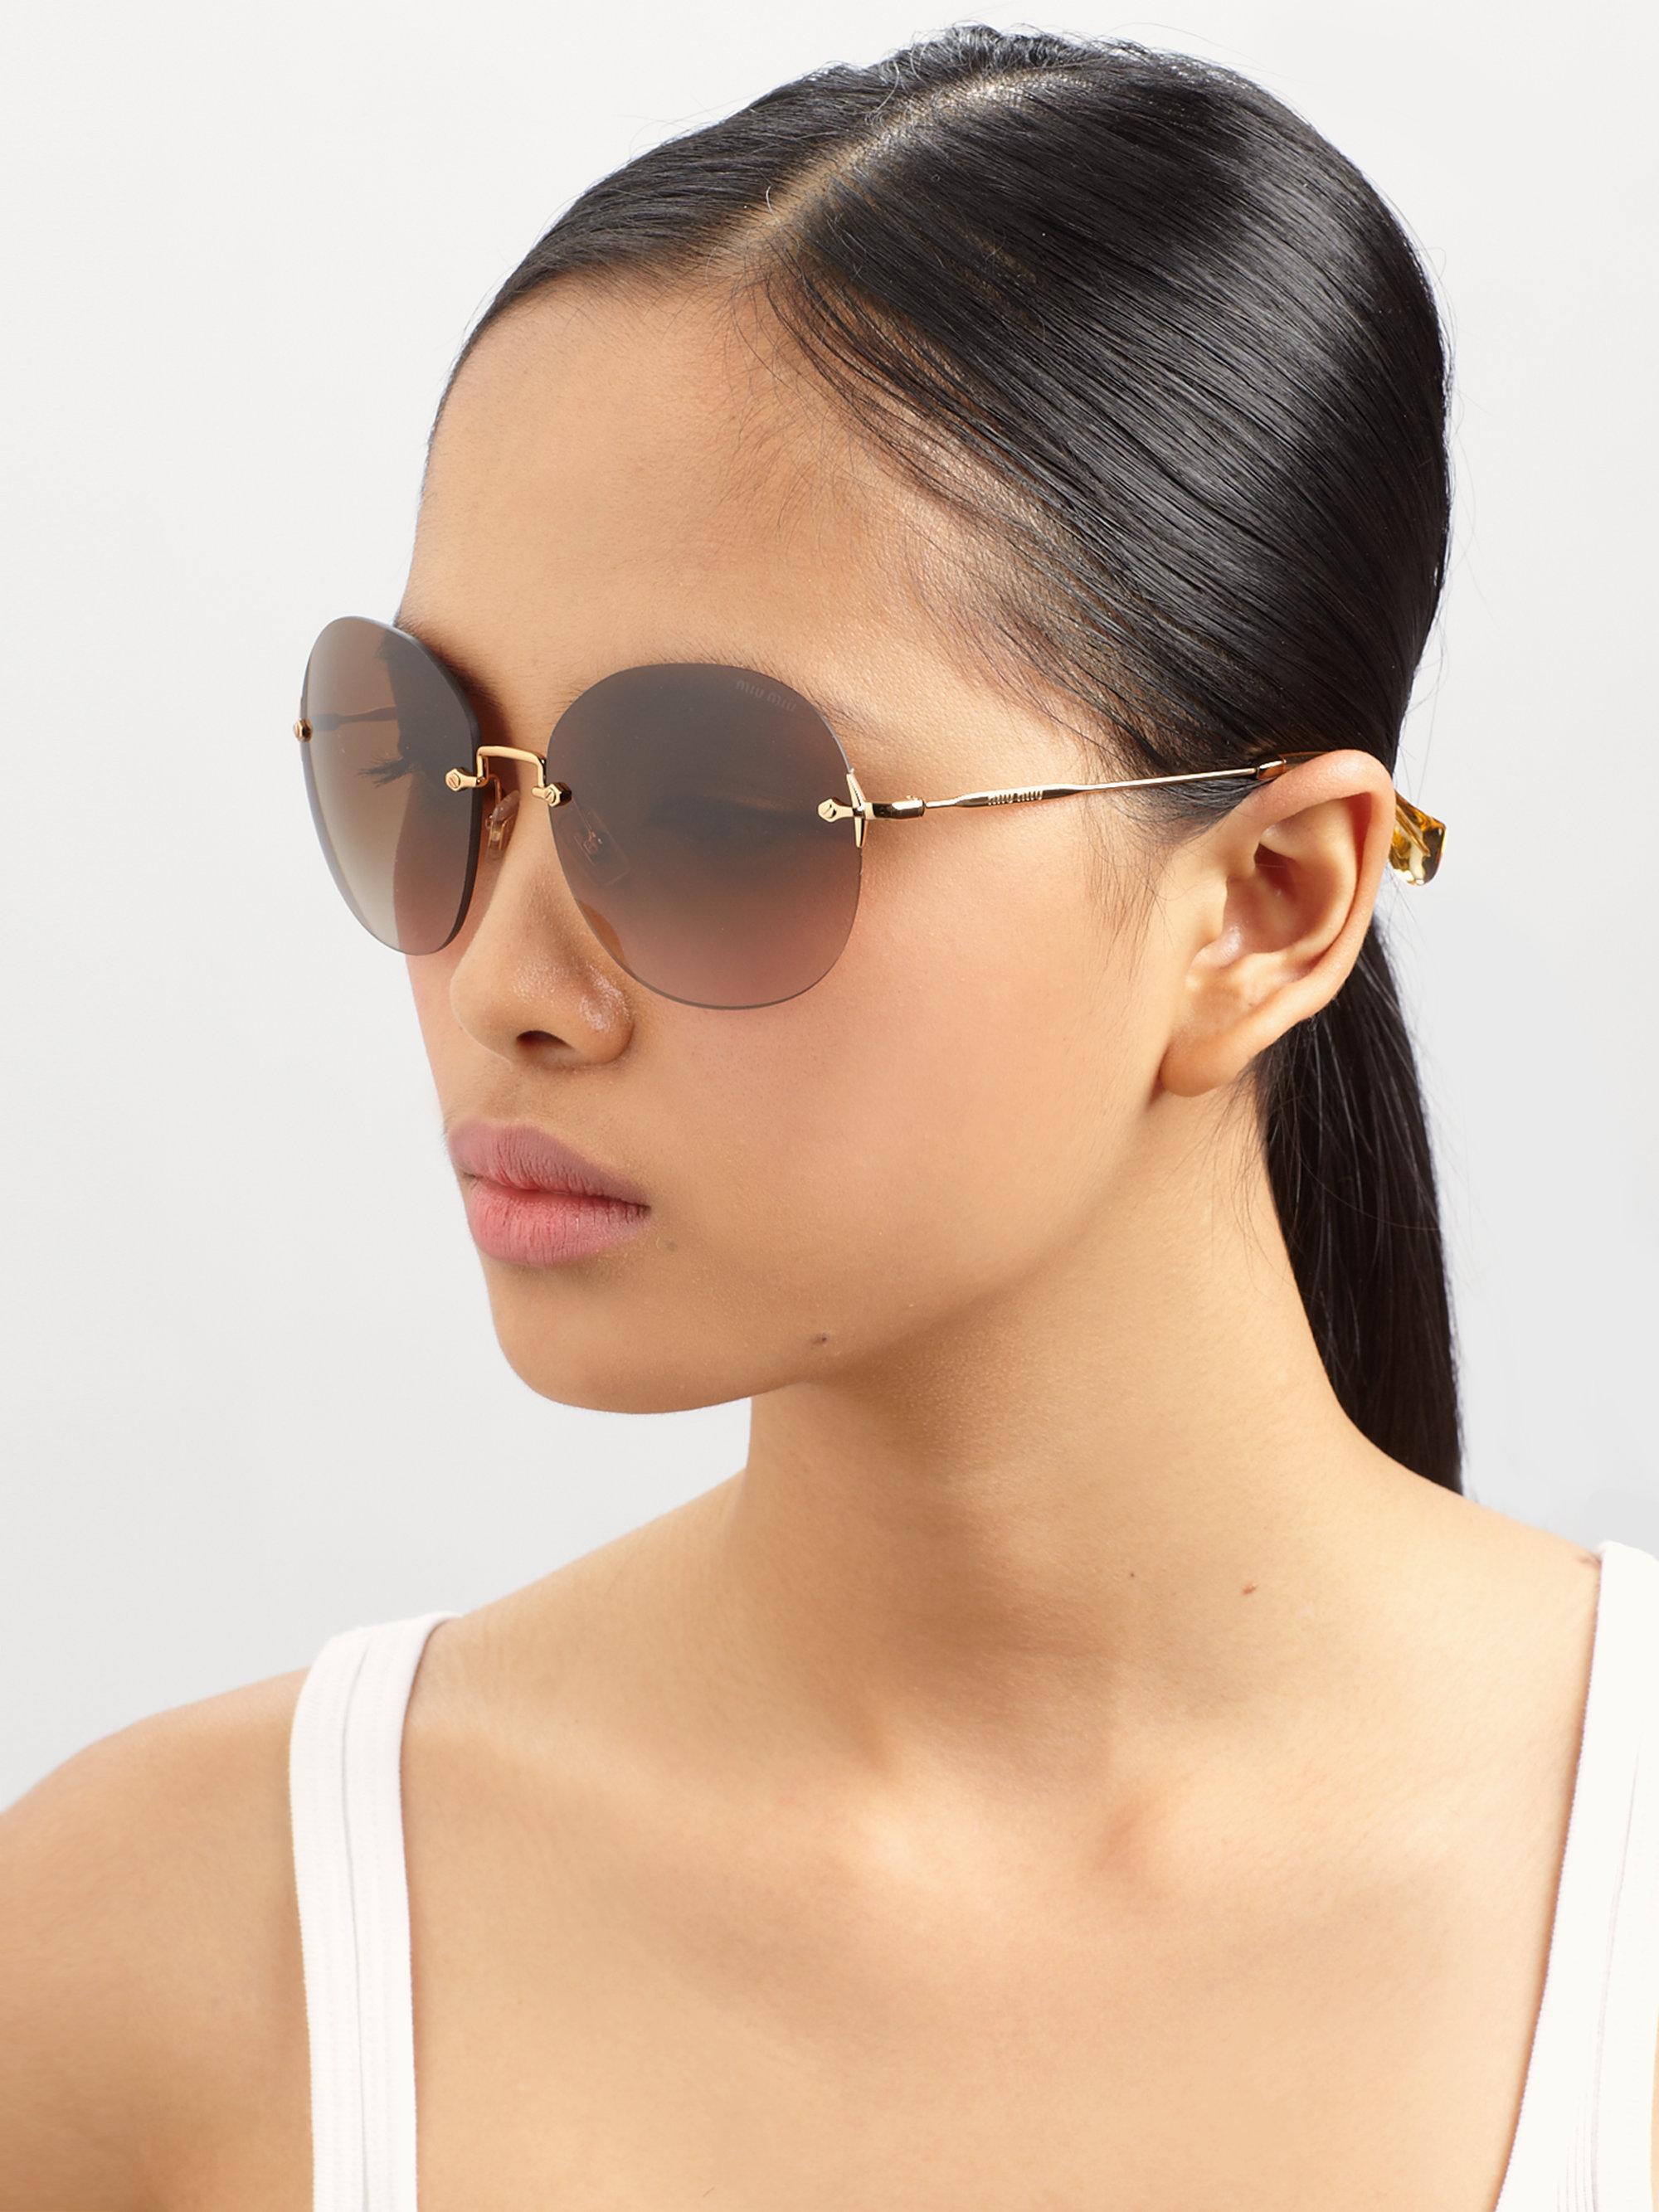 Miu Miu Sunglasses Round  miu miu round metal rimless sunglasses in gray lyst